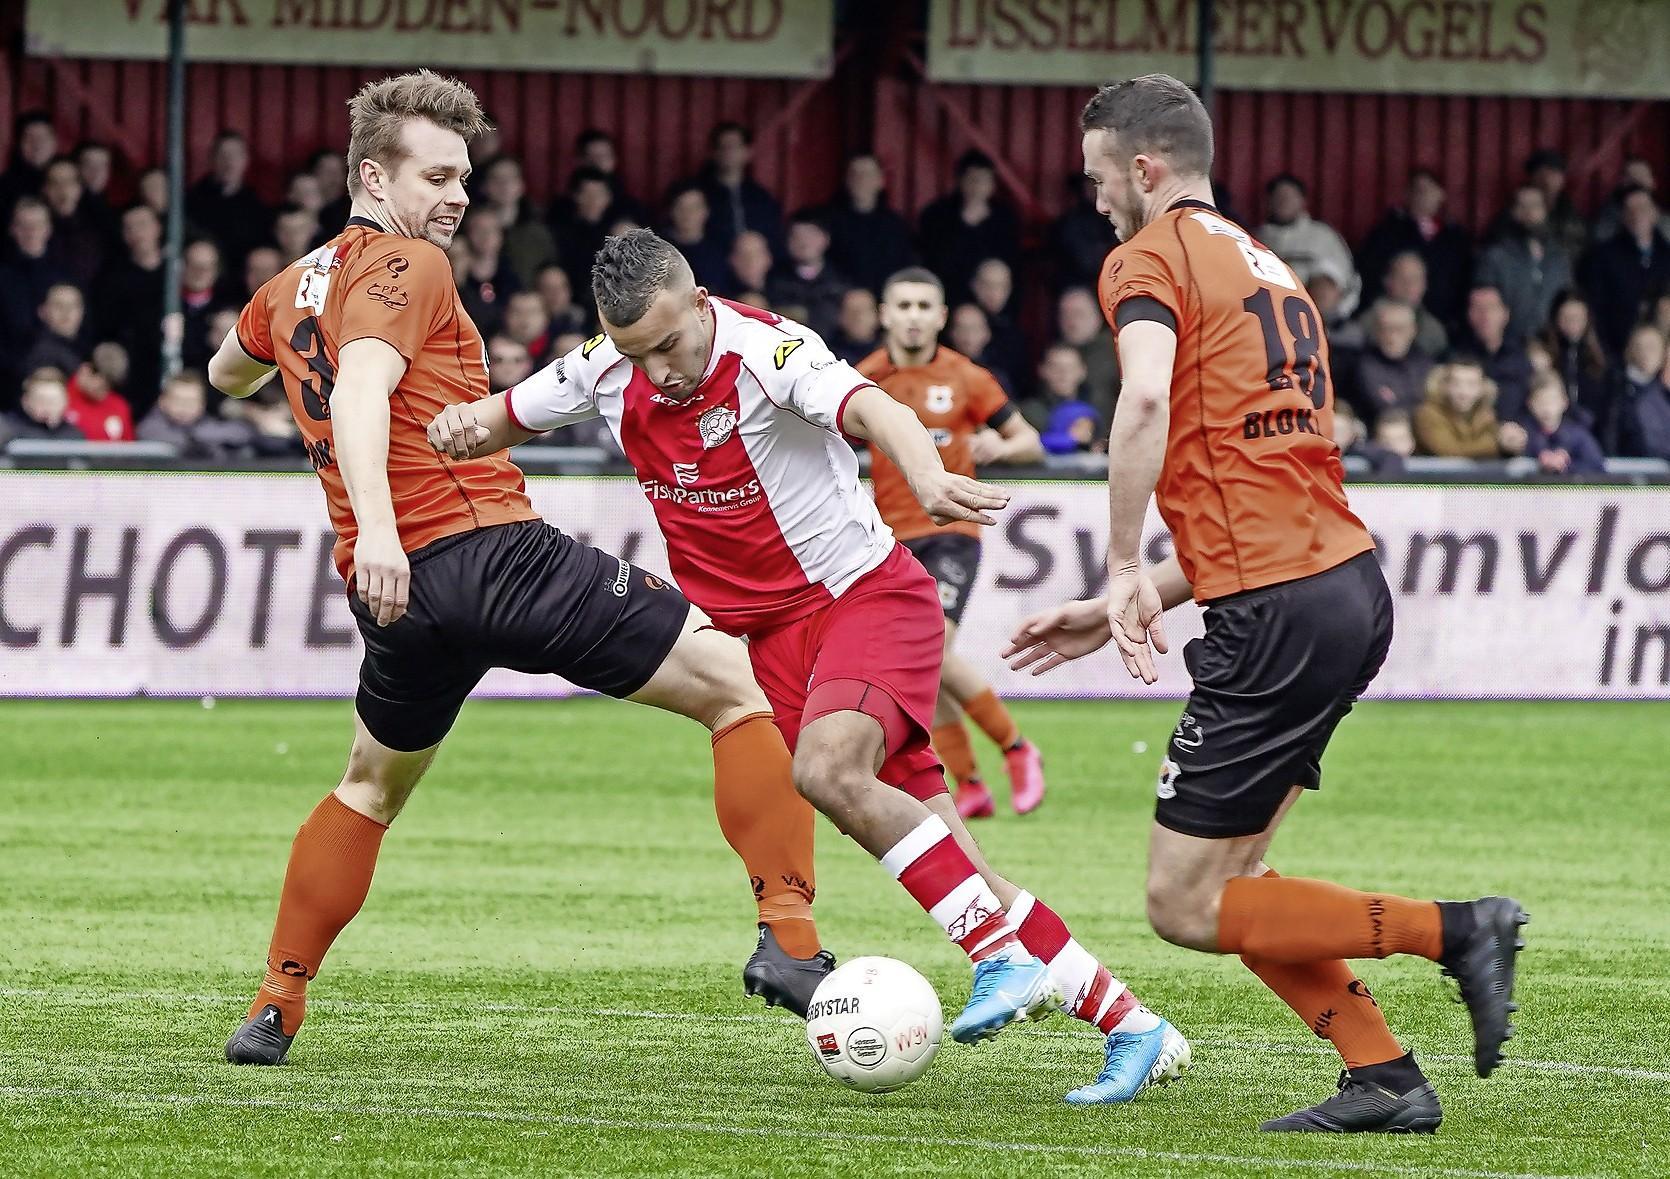 IJsselmeervogels laat na wat efficiënt Katwijk wél doet en raakt verder achterop in de titelstrijd